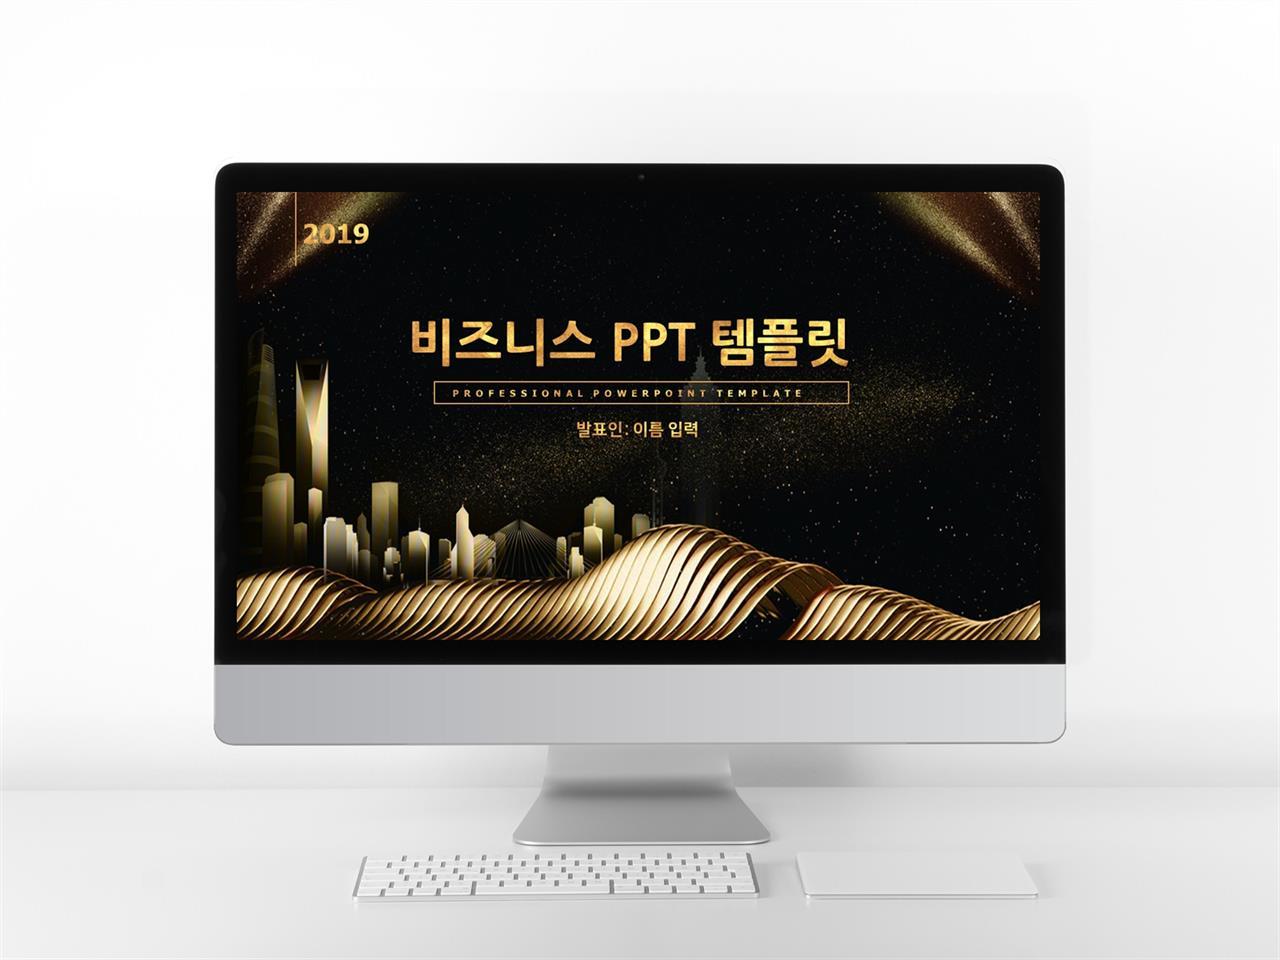 사업융자 노란색 짙은 고퀄리티 POWERPOINT서식 제작 미리보기